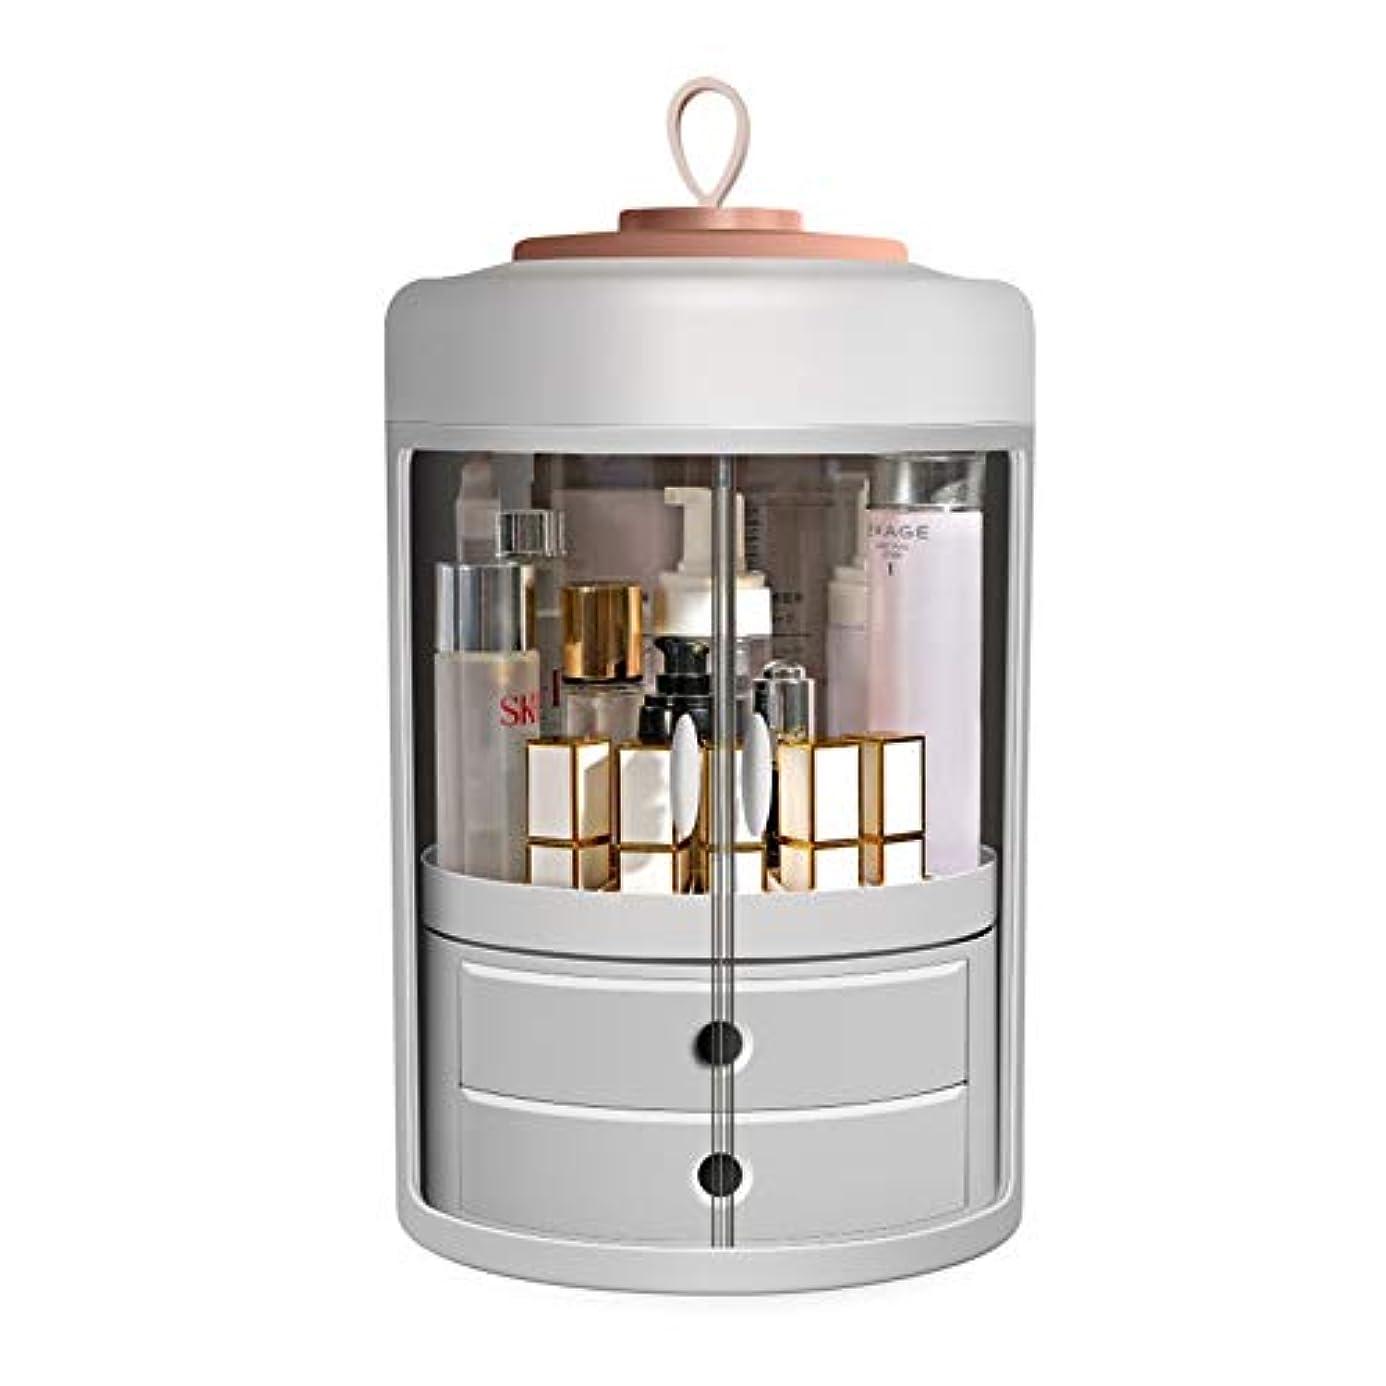 キャスト伴うすばらしいです化粧品収納 コスメ収納ボックス メイクケース 360度回転 防塵 防水 取っ手付き 旅行用 化粧ケース付き 二つ引き出し 透明